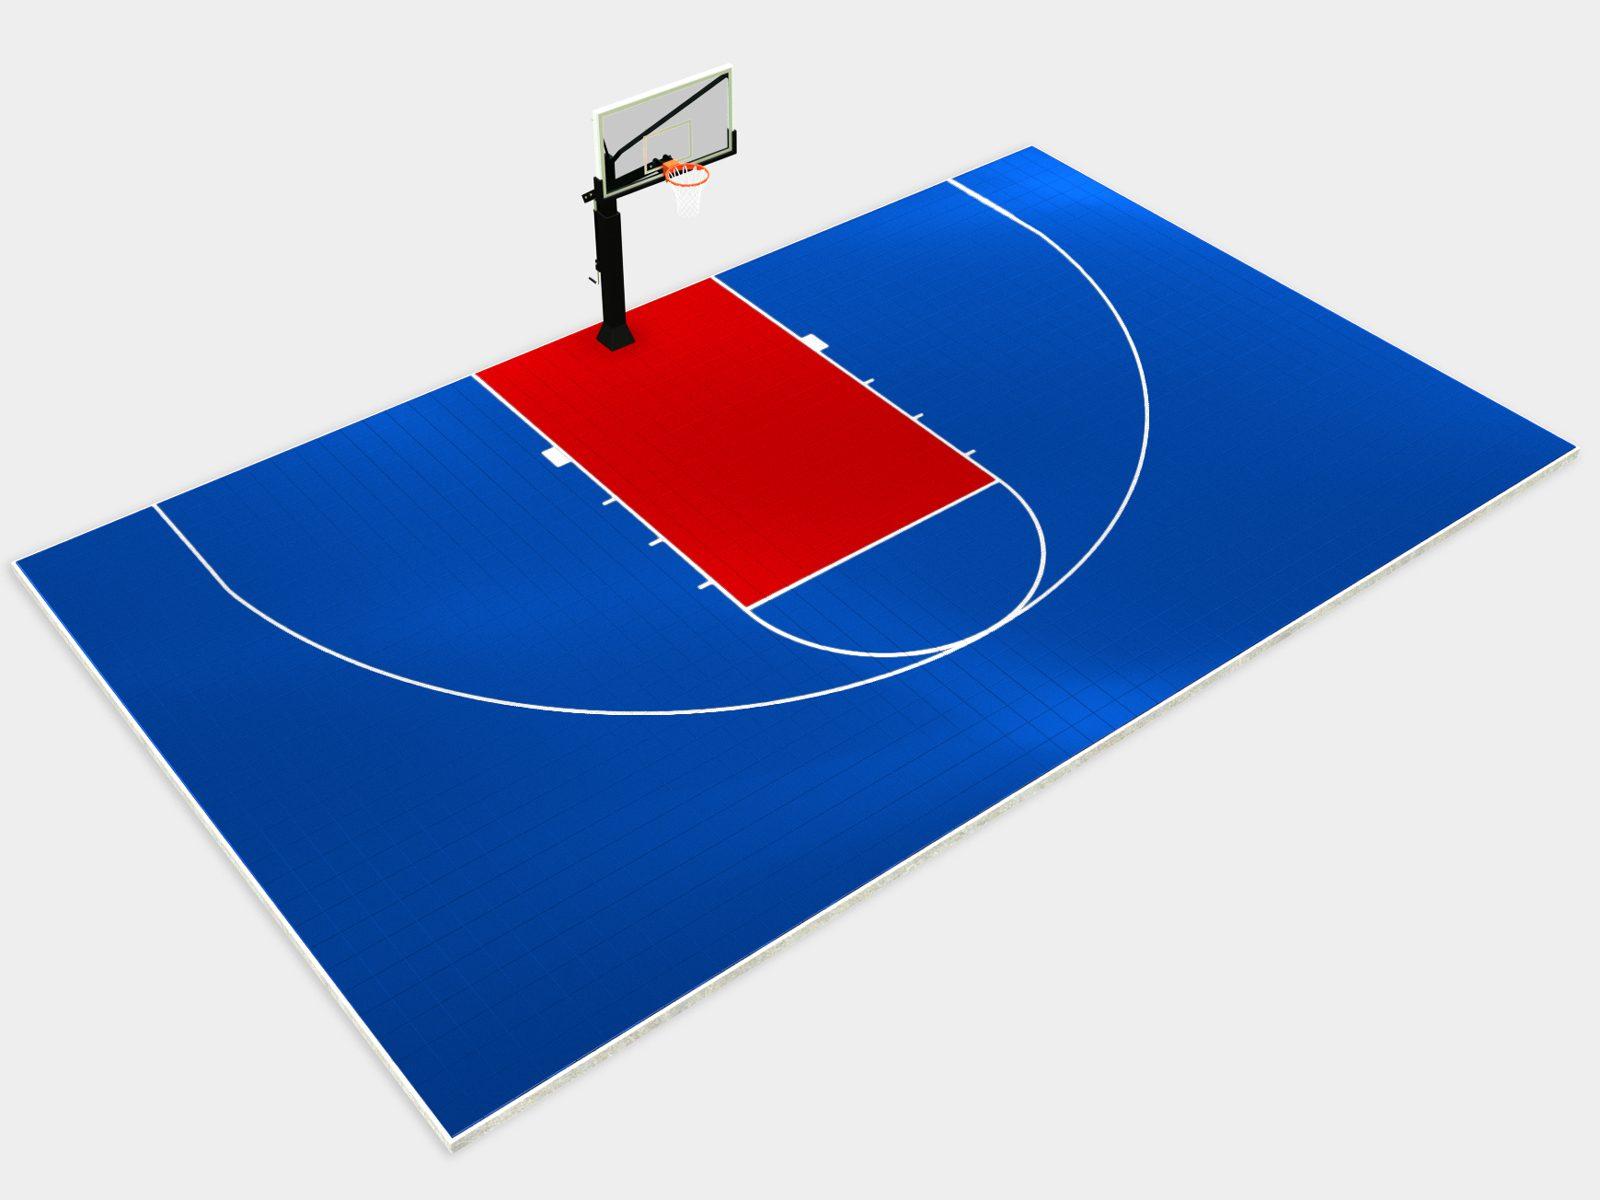 50x30-court